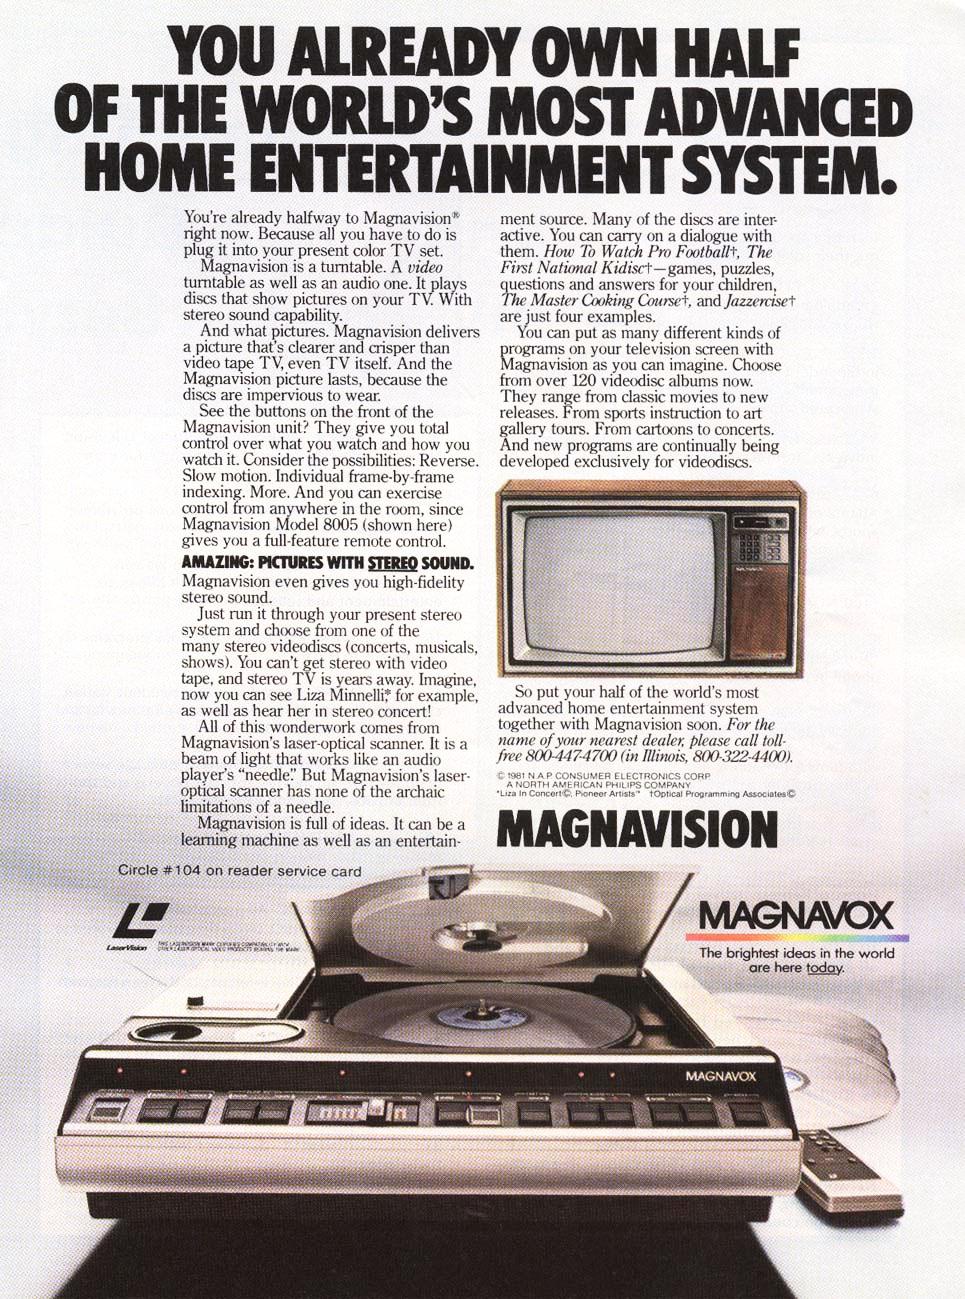 LaserDisc: история несостоявшегося конкурента видеокассет (часть 2) - 1